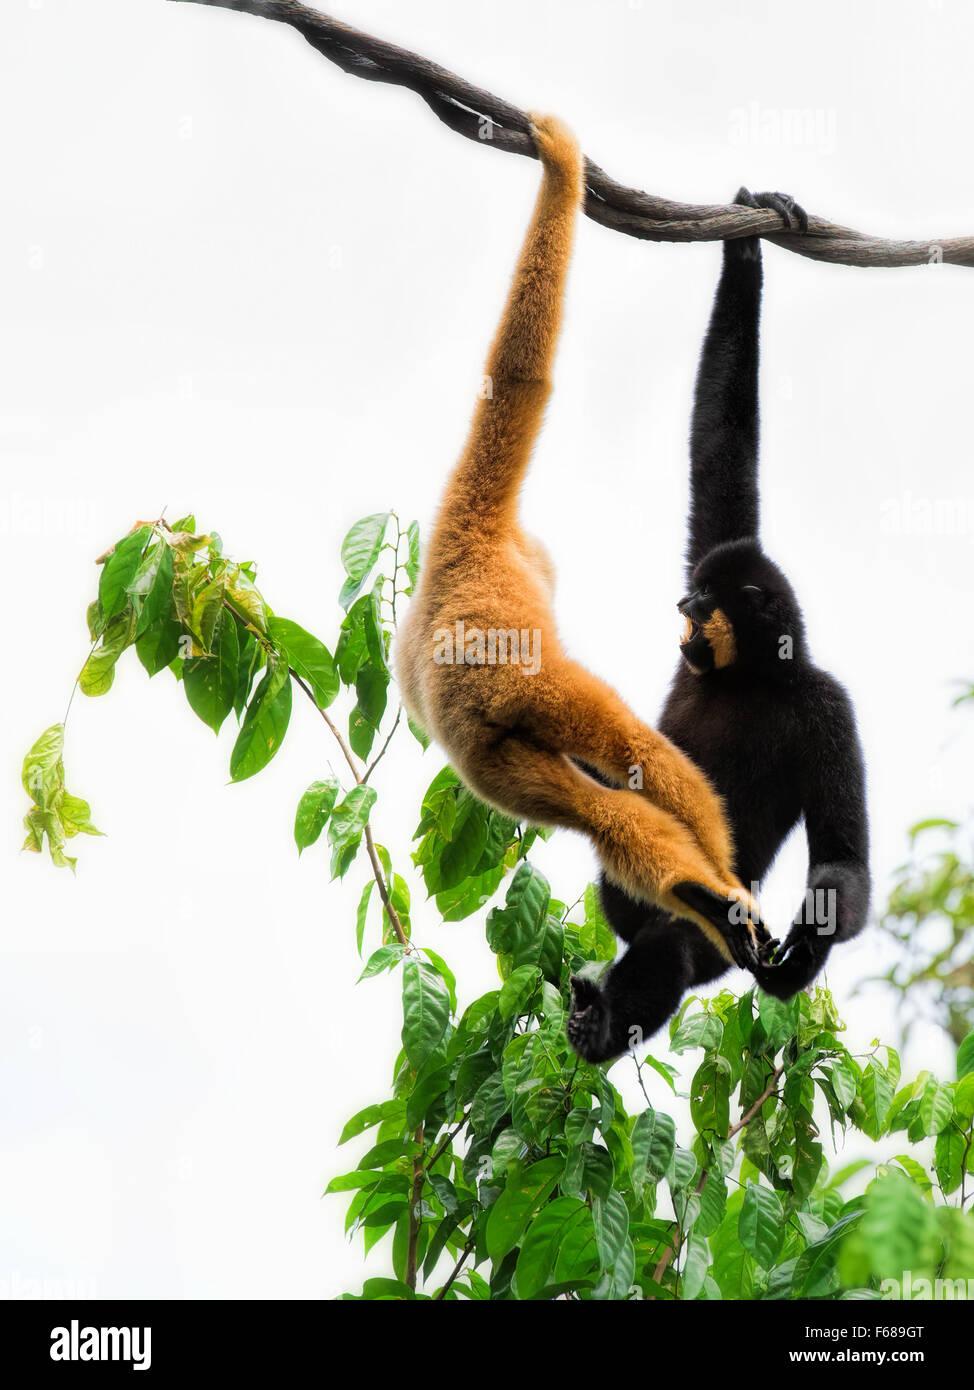 Wild Gibbon Monkeys - Stock Image